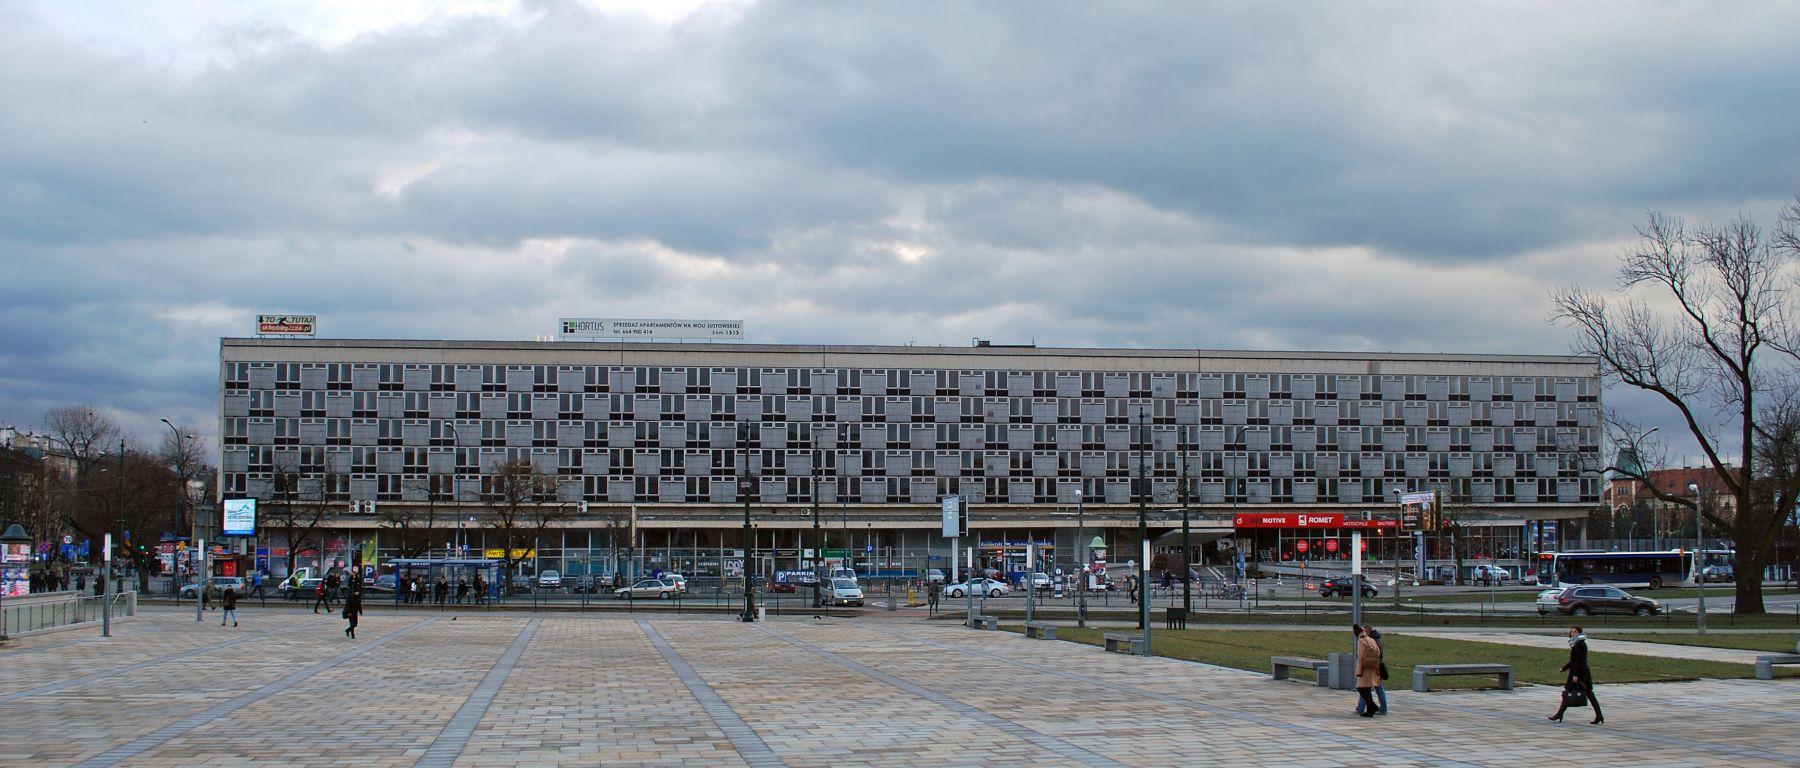 Hotel Cracovia w Krakowie, fot. Zygmunt Put (źródło: Wikimedia Commons, na licencji GFDL)